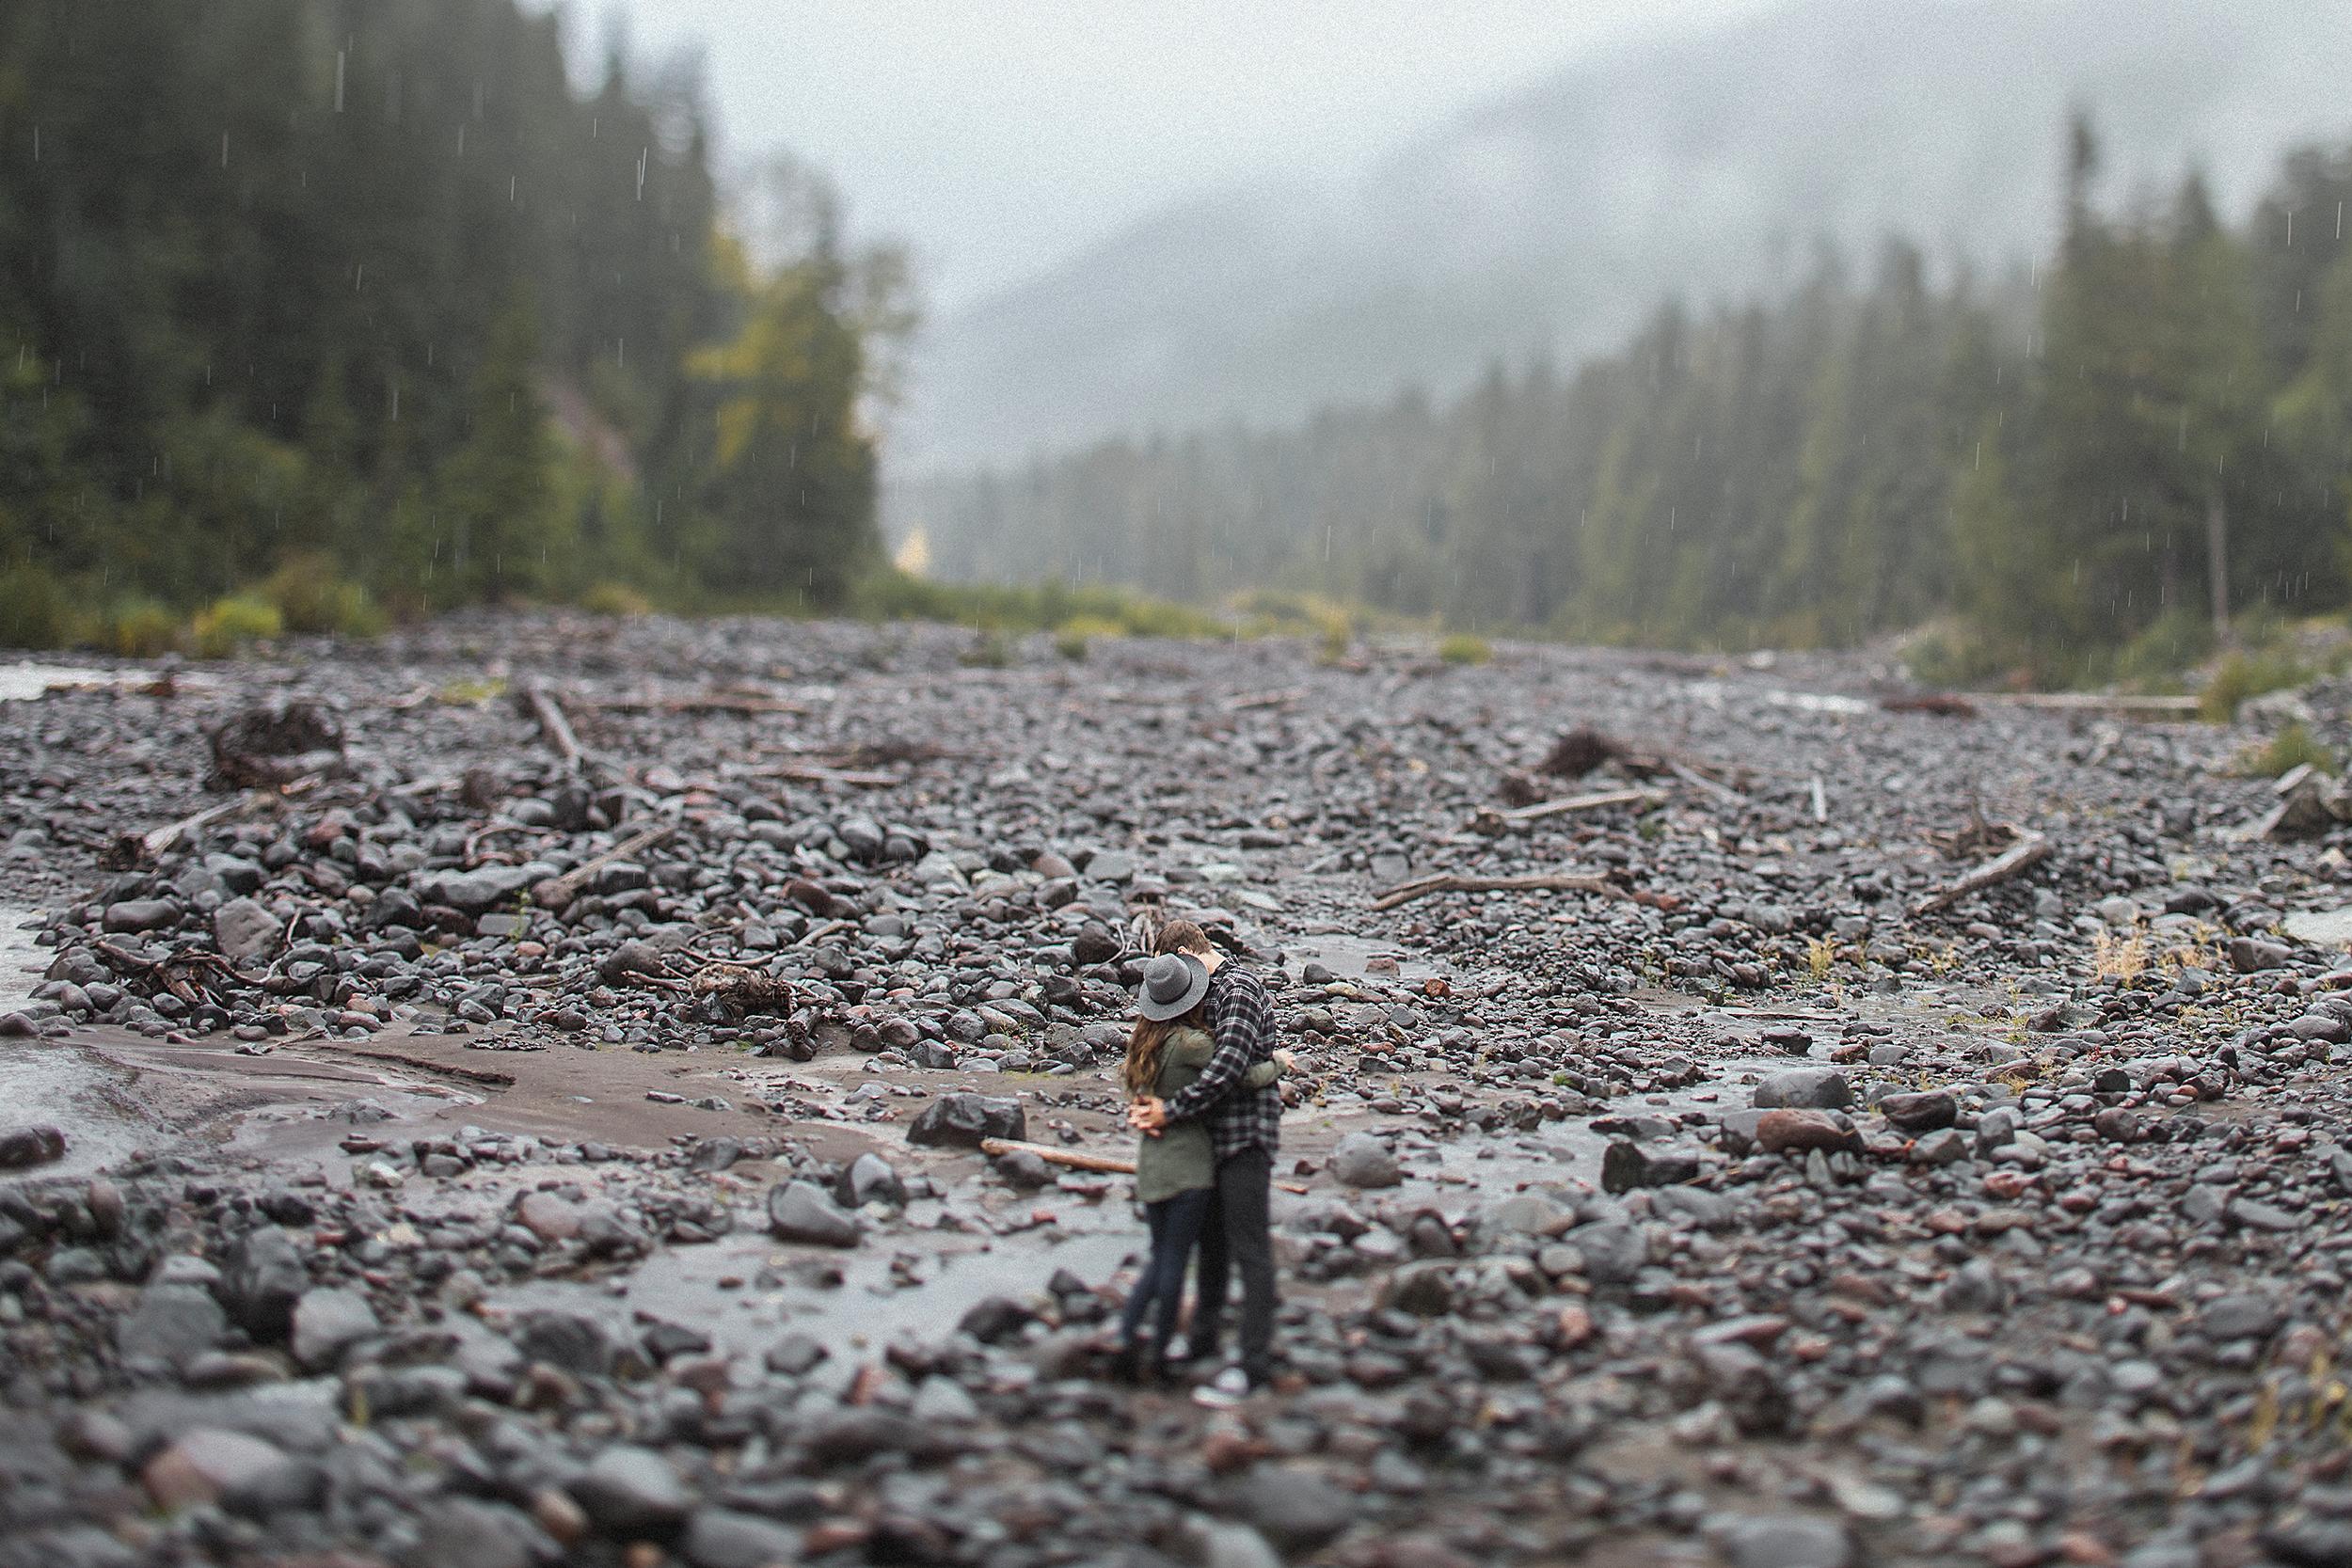 Mt. Rainier Engagement Photo Session at Paradise